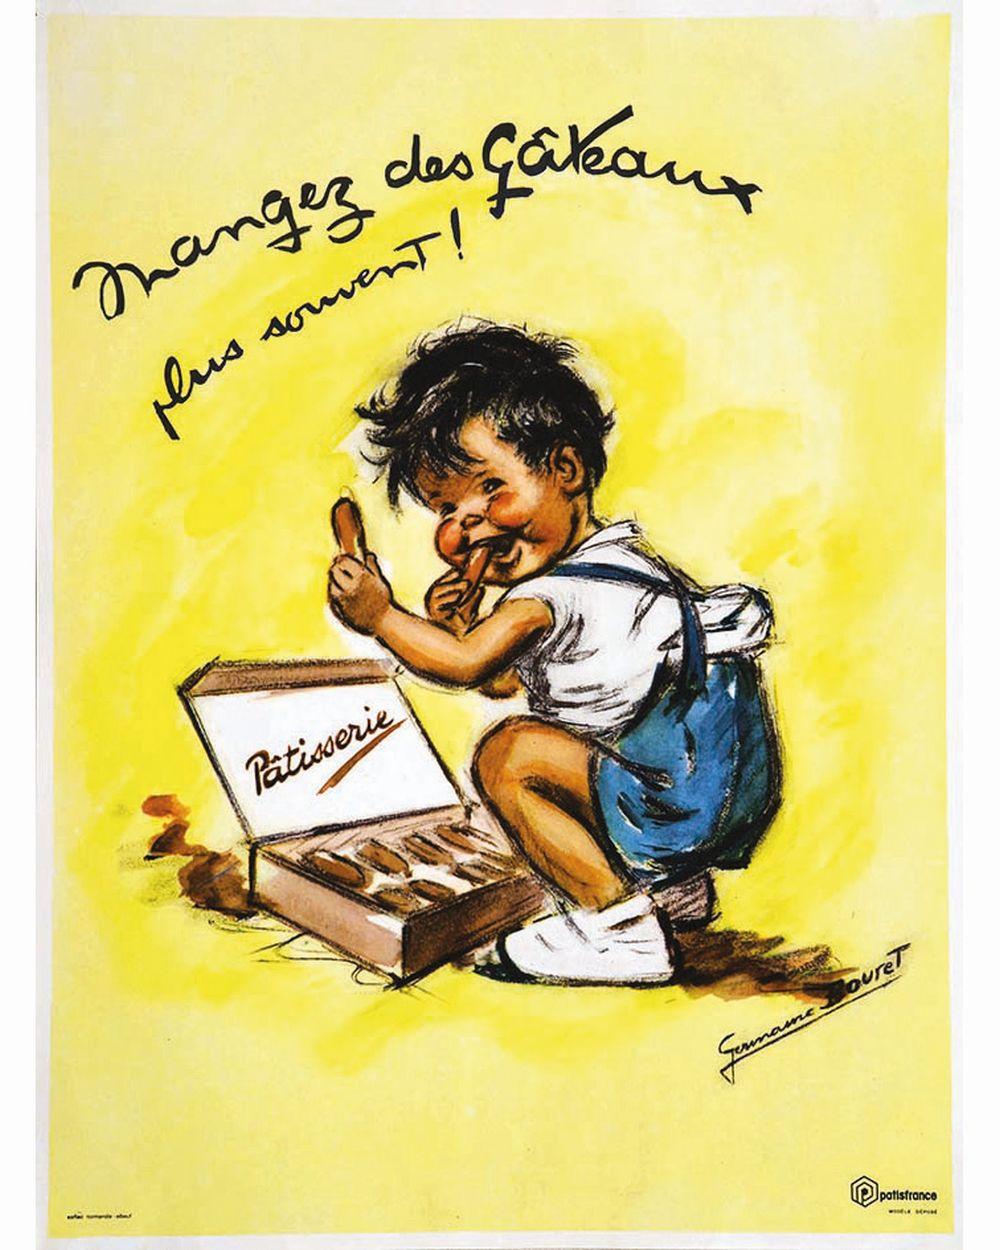 BOURET GERMAINE - Mangez des Gâteaux plus souvent     vers 1950